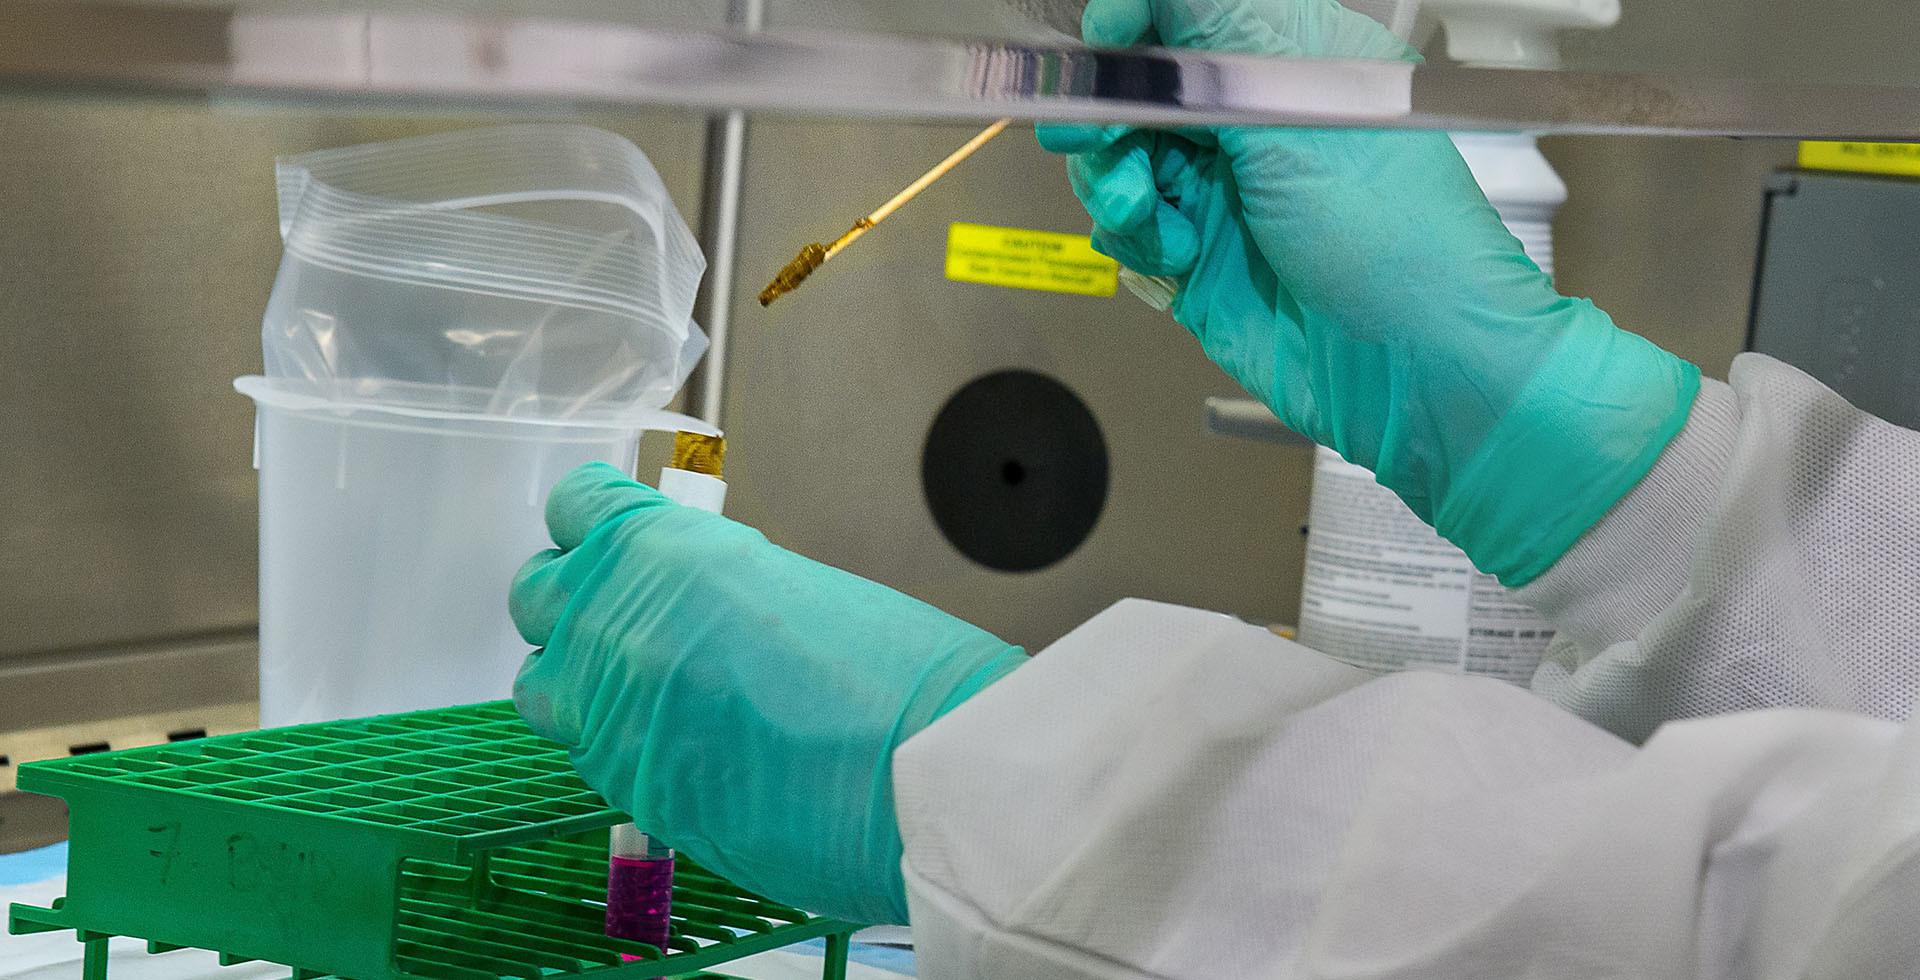 analisis subsuelo alcantarillas aguas residuales covid-19